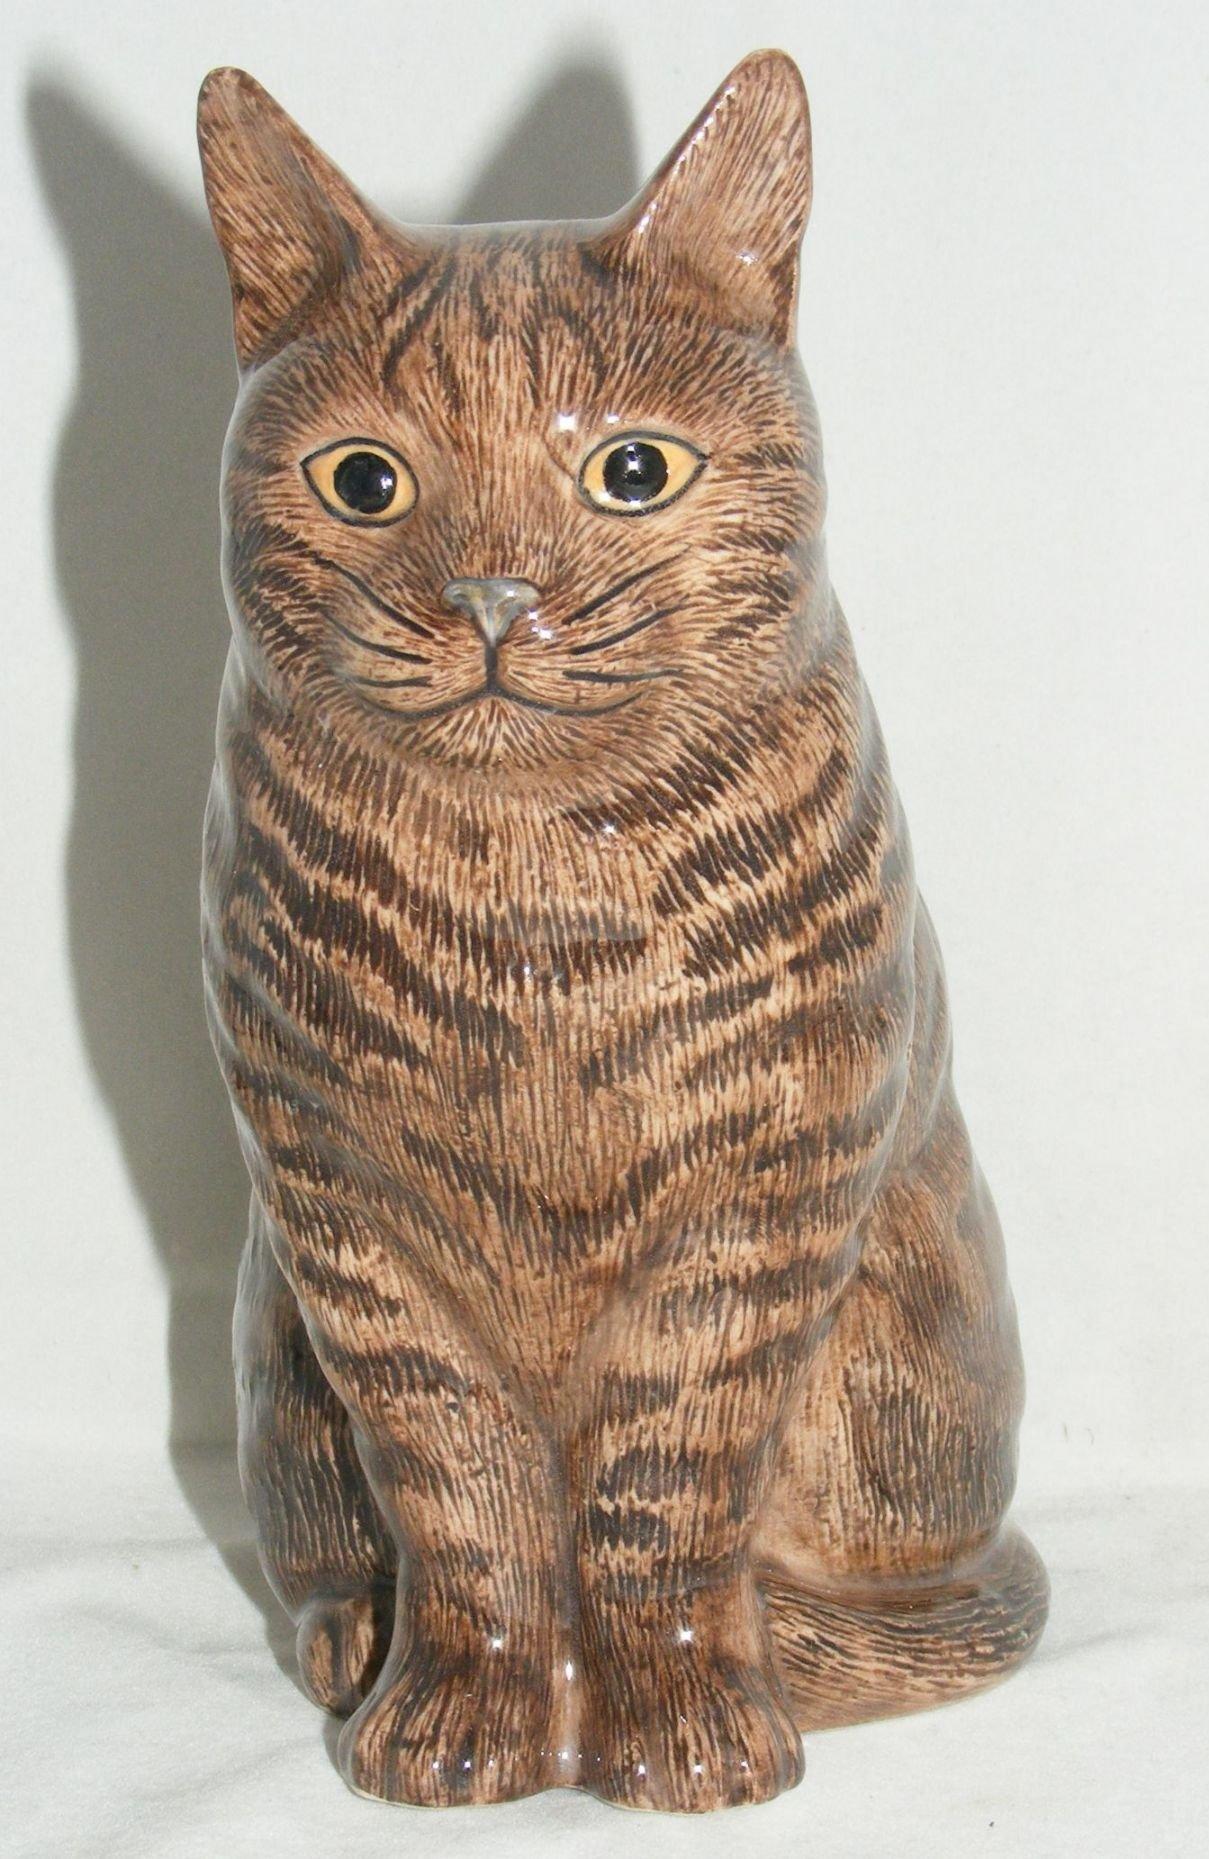 Quail Ceramics Animal Figure Moggie Cat Quot Clementine Quot 6 Quot 743